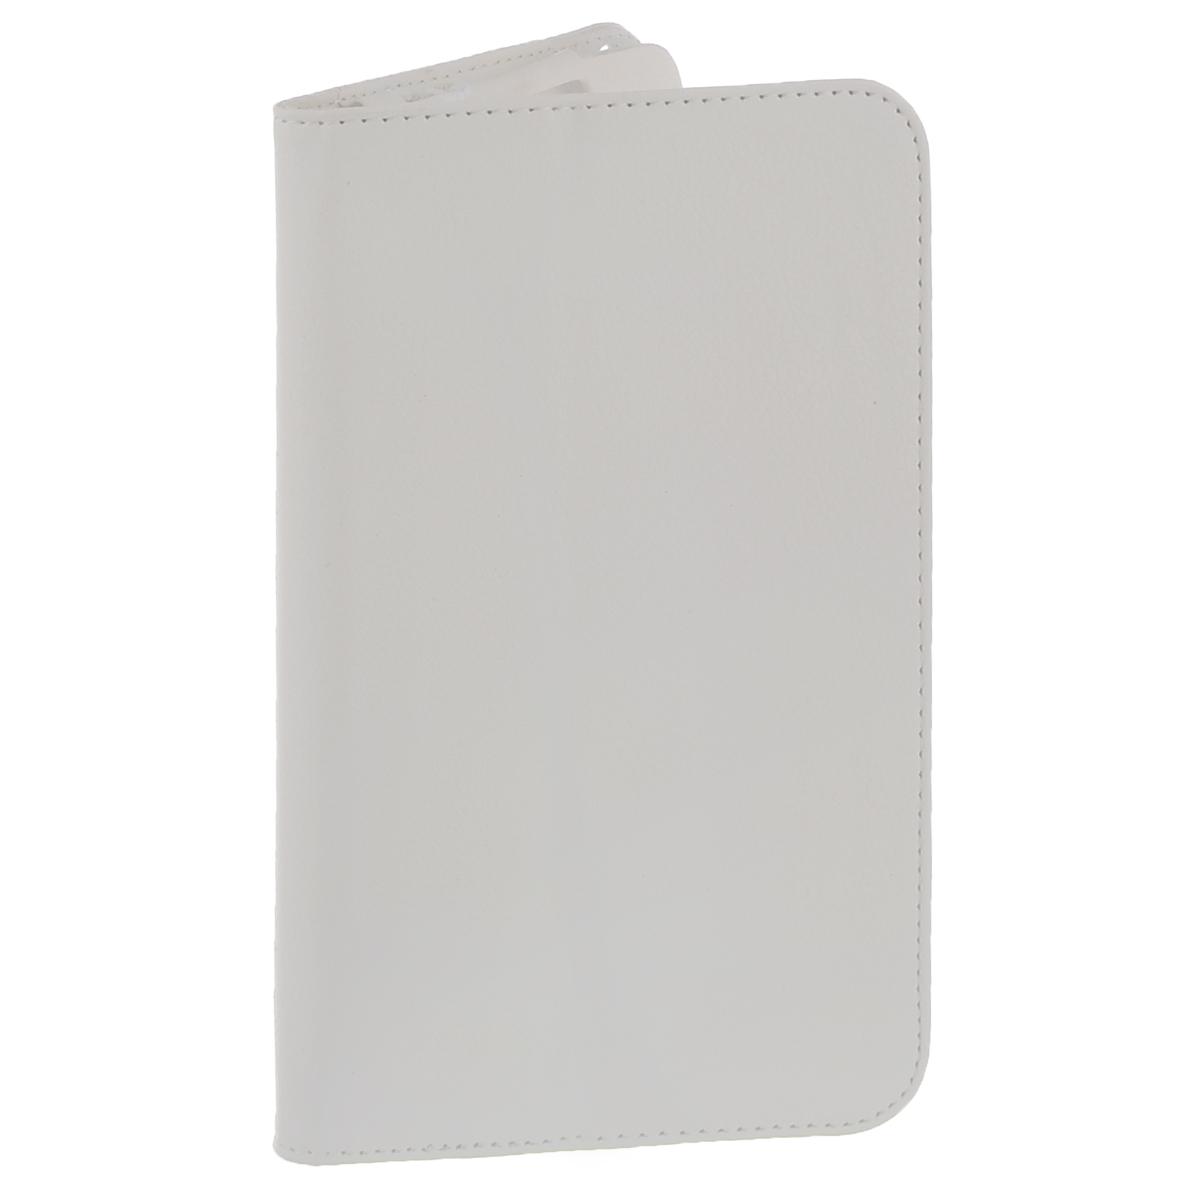 IT Baggage чехол для планшета Lenovo Idea Tab 2 7 A7-30, WhiteITLNA7302-0IT Baggage для Lenovo Idea Tab 2 7 A7-30 - удобный и надежный чехол, который надежно защищает ваше устройство от внешних воздействий, грязи, пыли, брызг. Данный чехол поможет при ударах и падениях, смягчая их, и не позволяя образовываться на корпусе царапинам, потертостям. Кроме того, он будет незаменим при длительной транспортировке устройства. Обеспечивает свободный доступ ко всем разъемам и клавишам планшета.